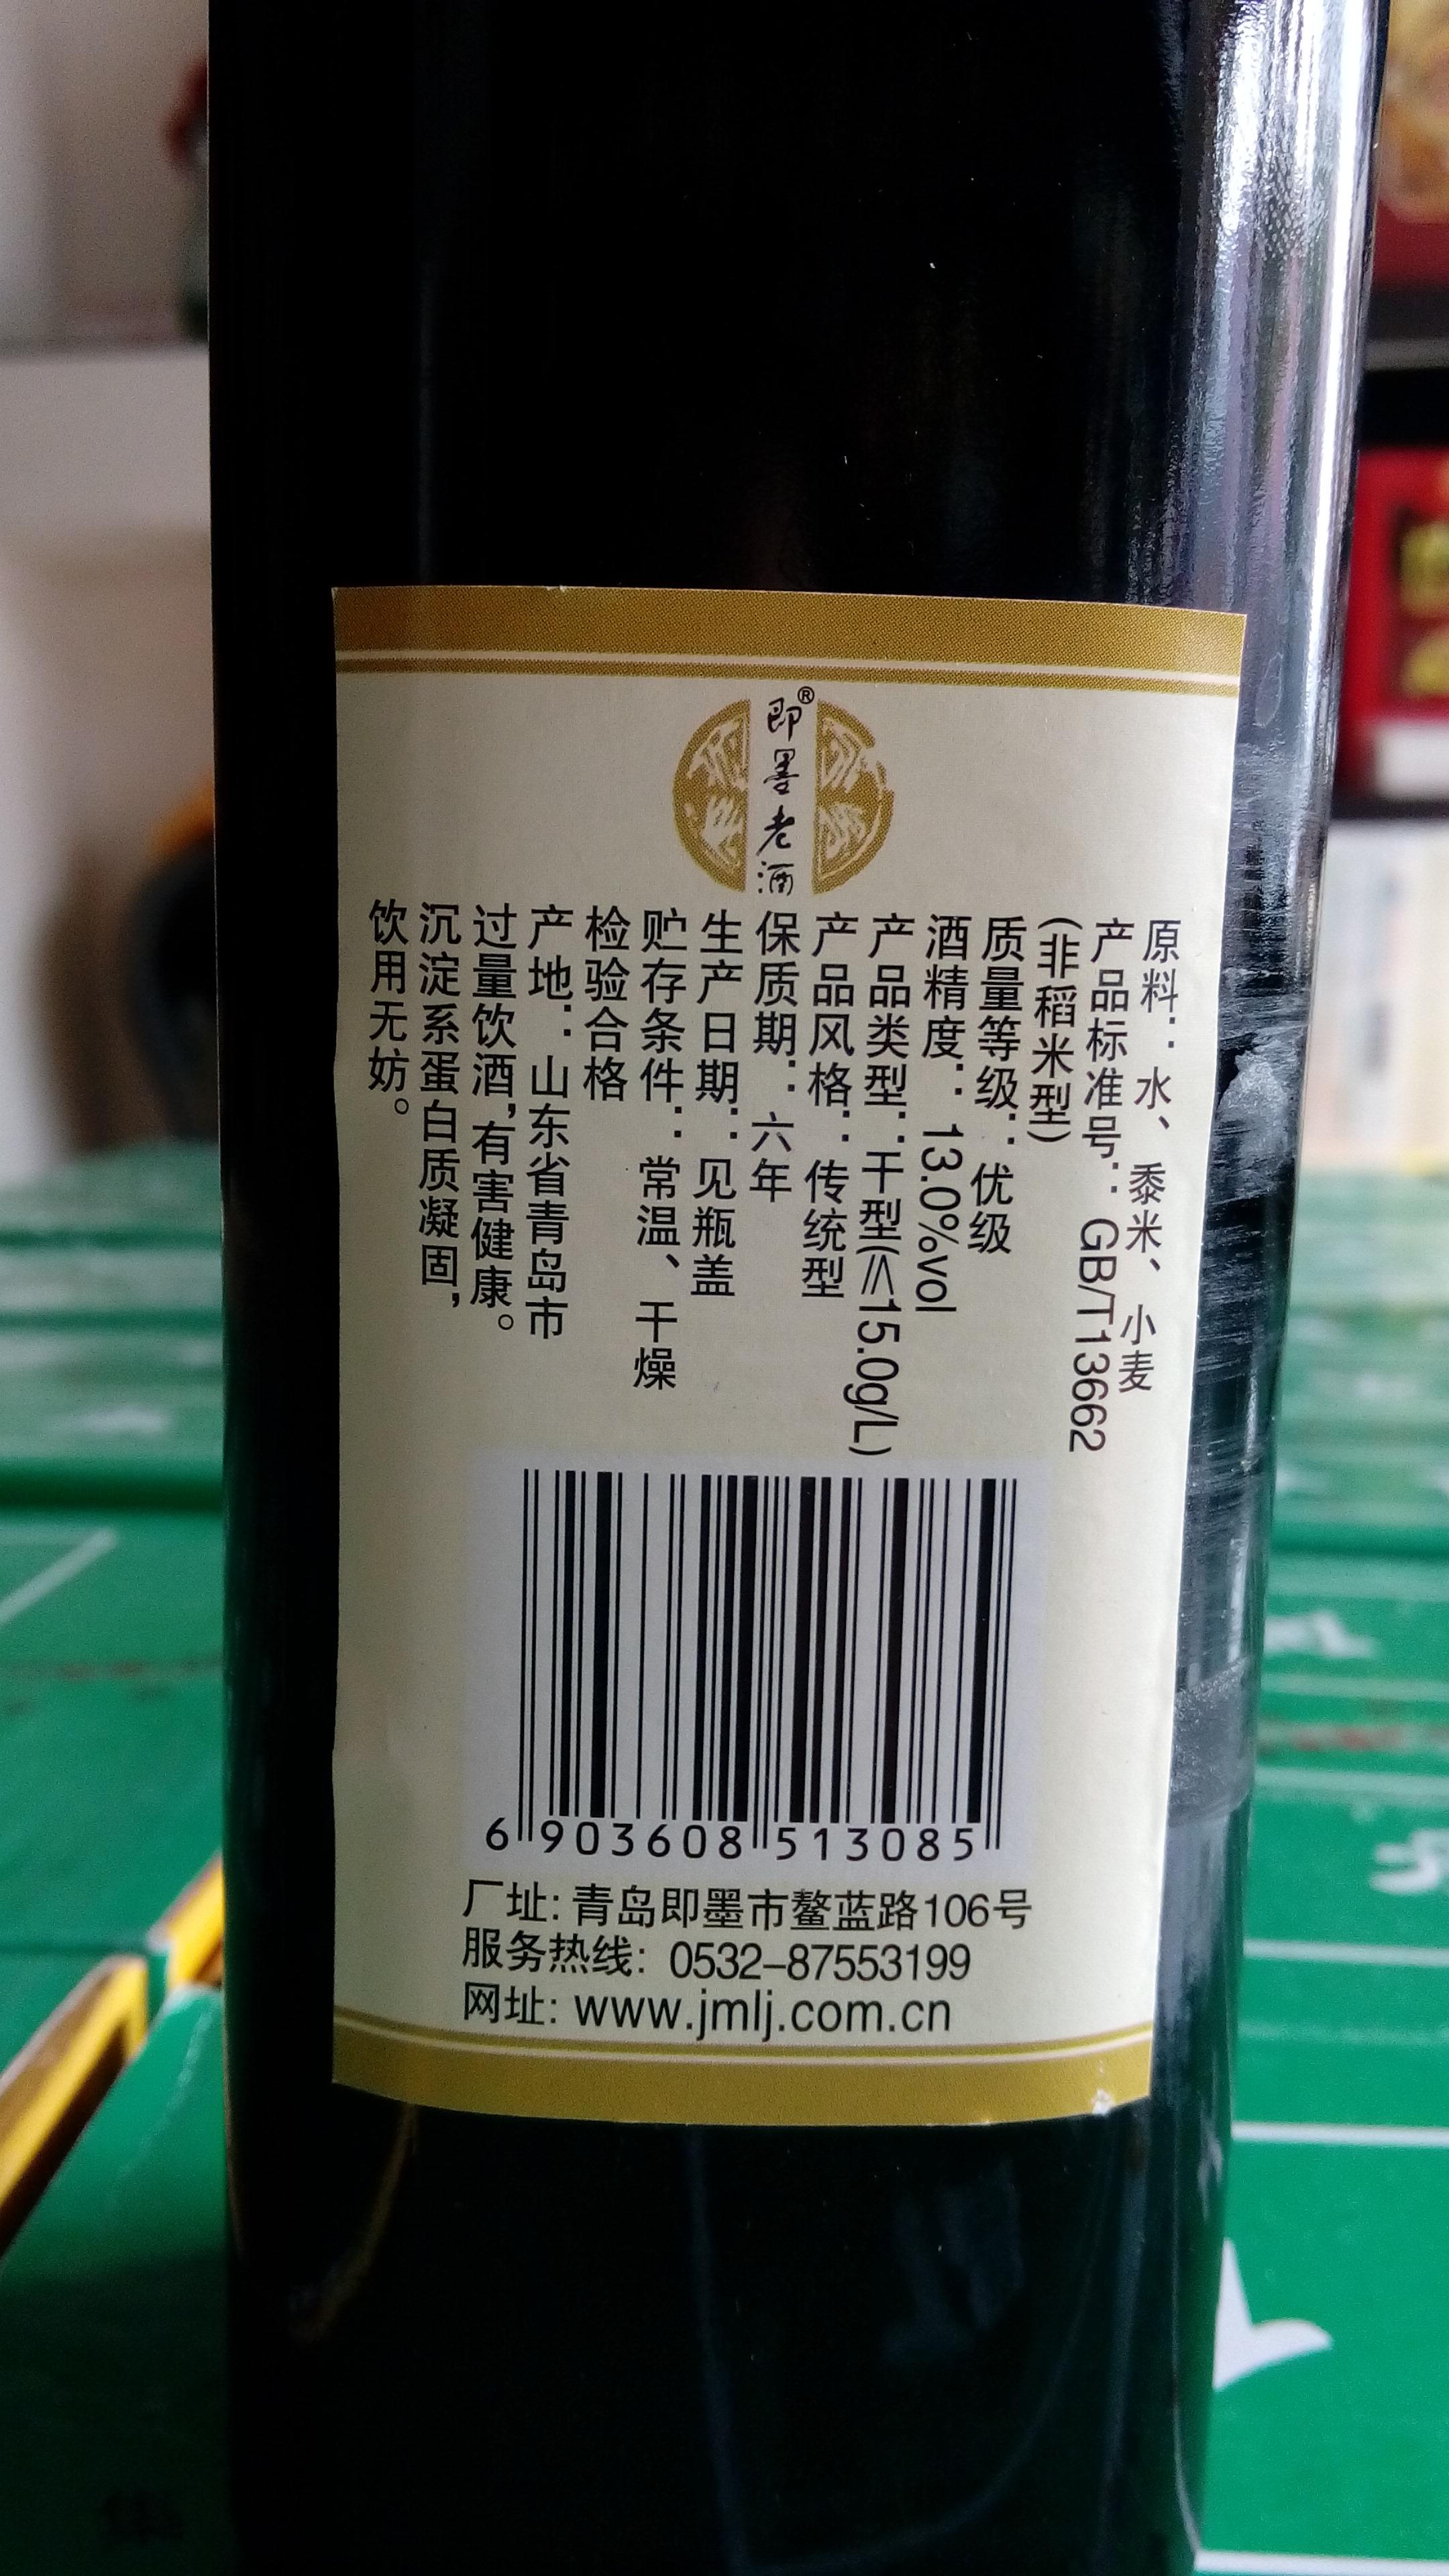 黄酒焦香 低糖 即墨老酒干型五年陈酿 瓶部分地区包邮 6 500ml 整箱